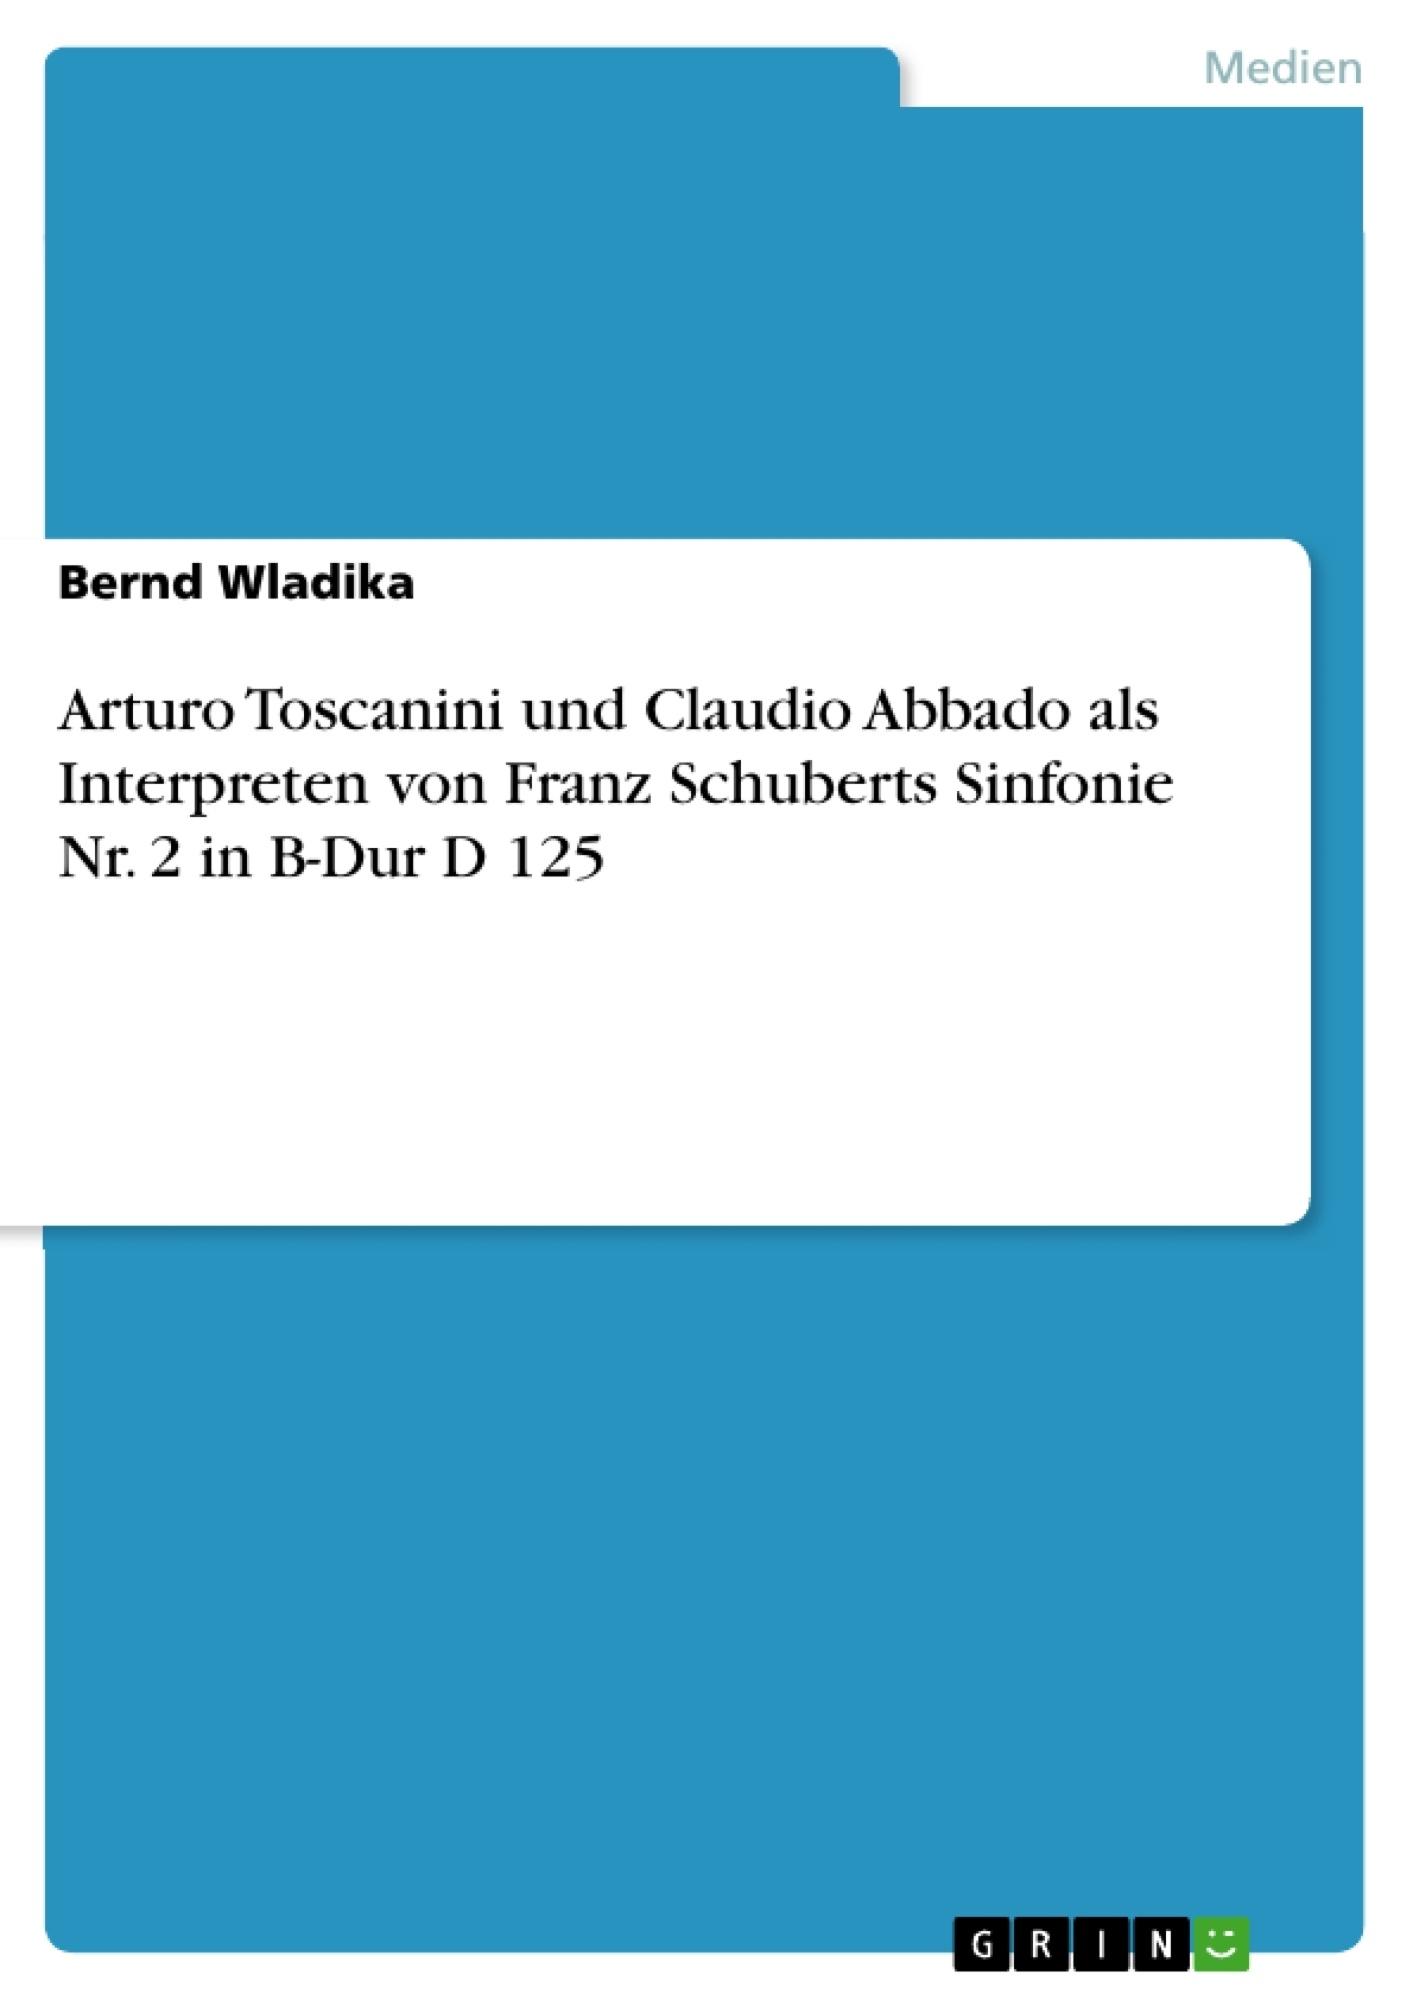 Titel: Arturo Toscanini und Claudio Abbado als Interpreten von Franz Schuberts Sinfonie Nr. 2 in B-Dur D 125